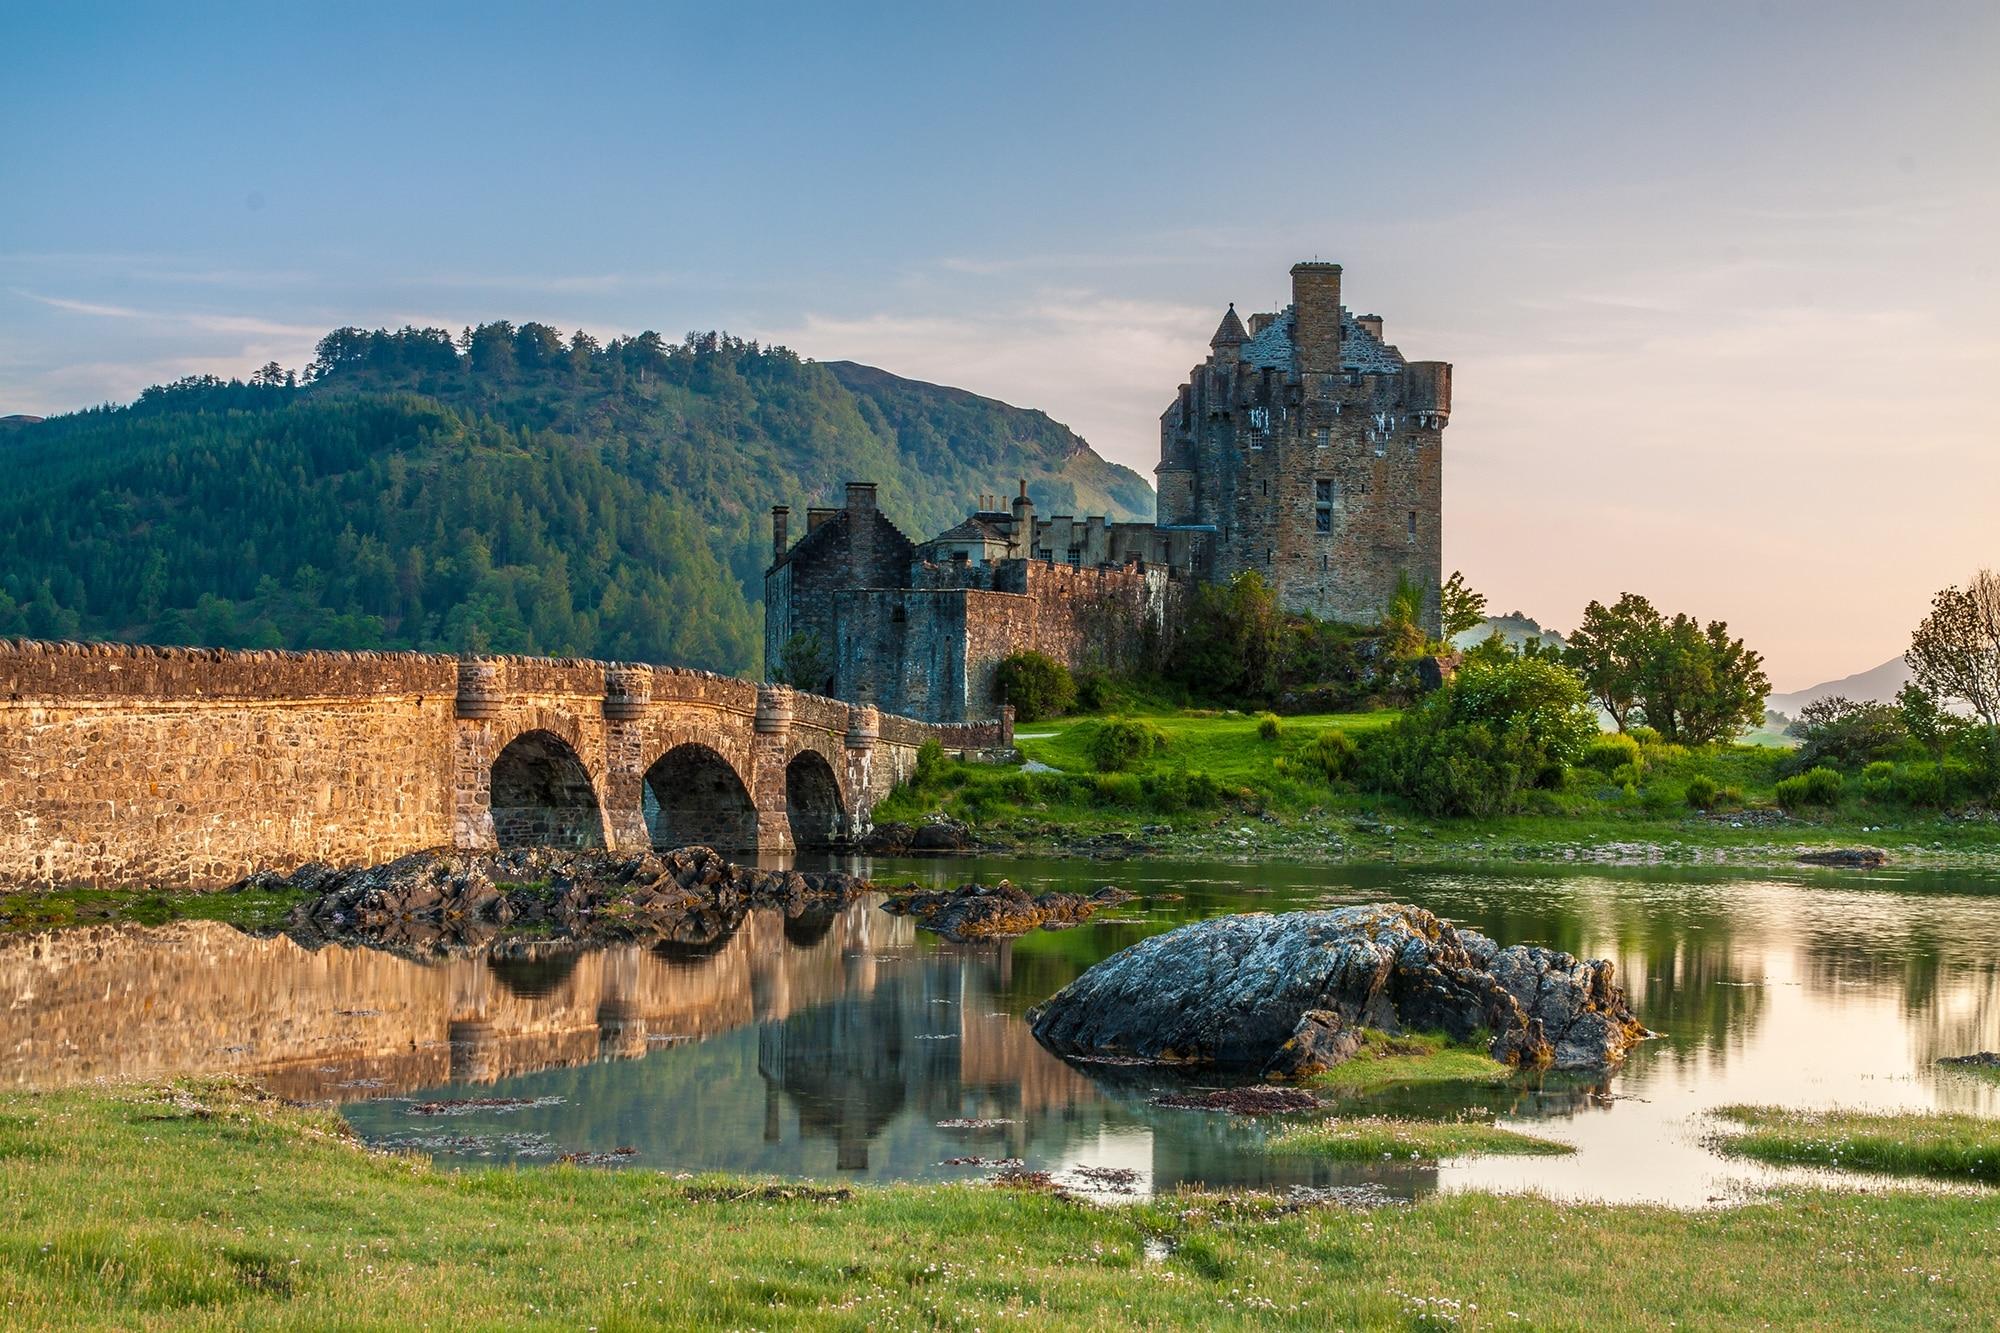 Lieux à visiter en Écosse - Château Eilean Donan